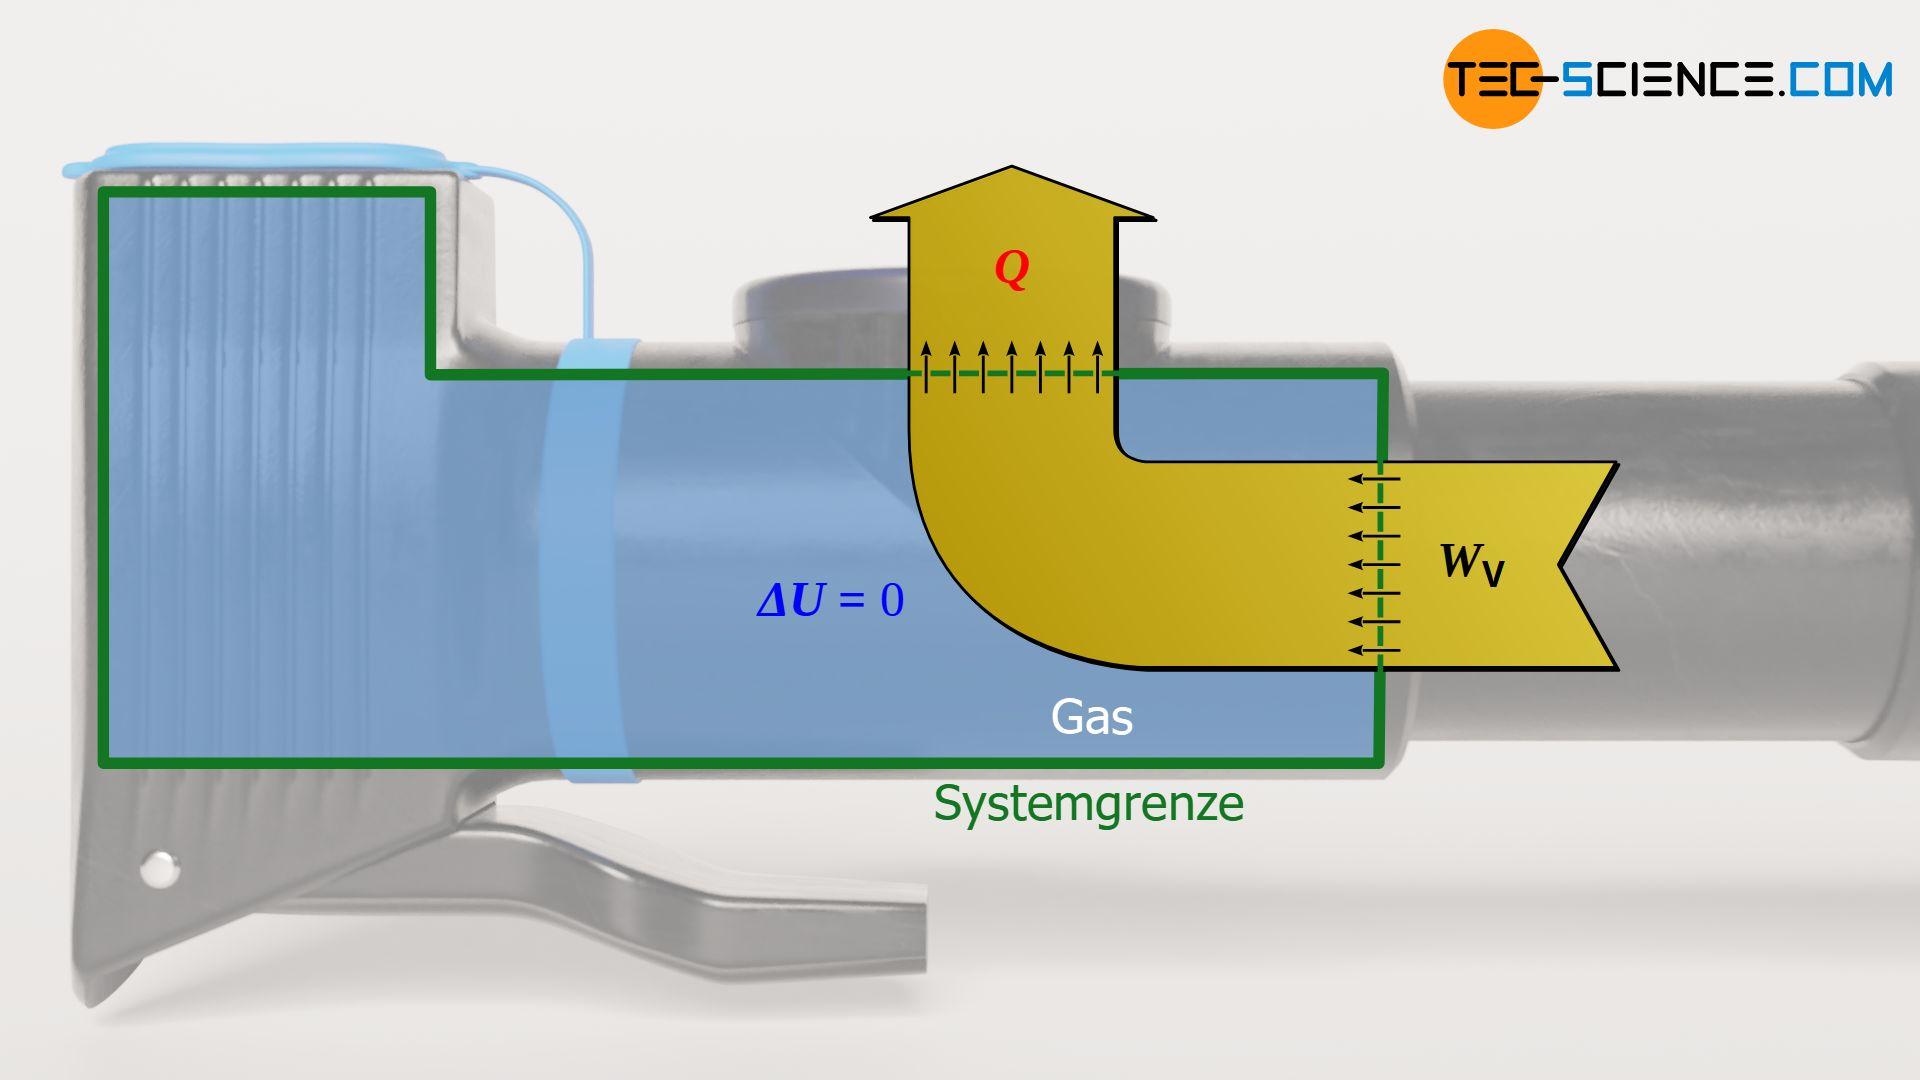 Energieflussdiagramm eines isothermen Prozesses (konstante Temperatur)